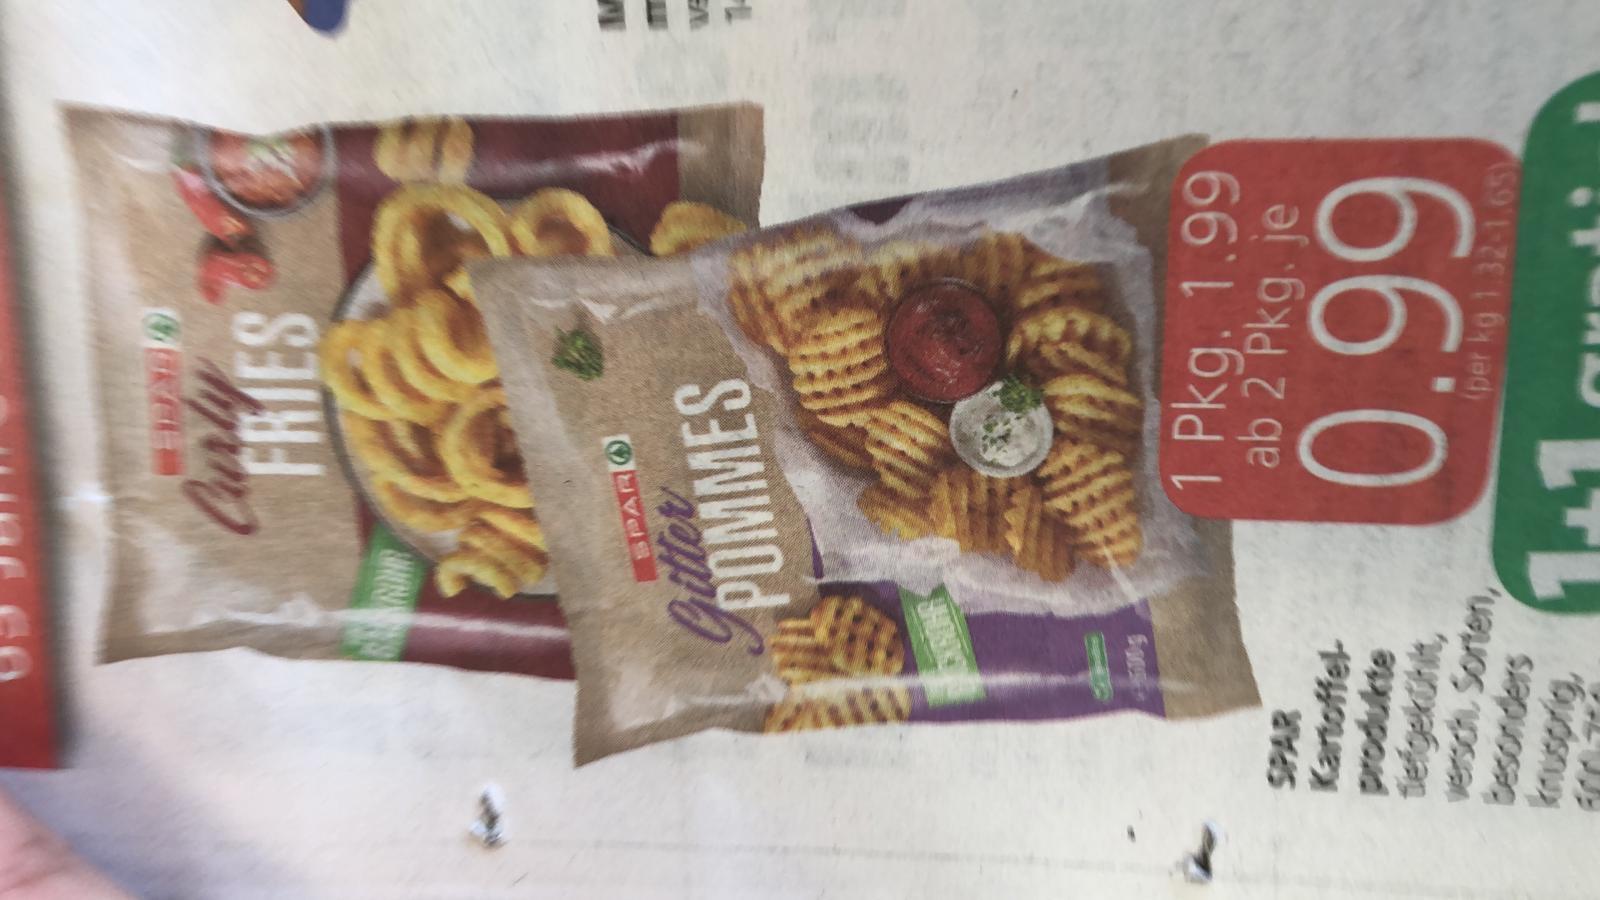 Gitterpommes, Curly fries wie bei Mcdonalds - ab 2 Pkg. für je 0,99 €